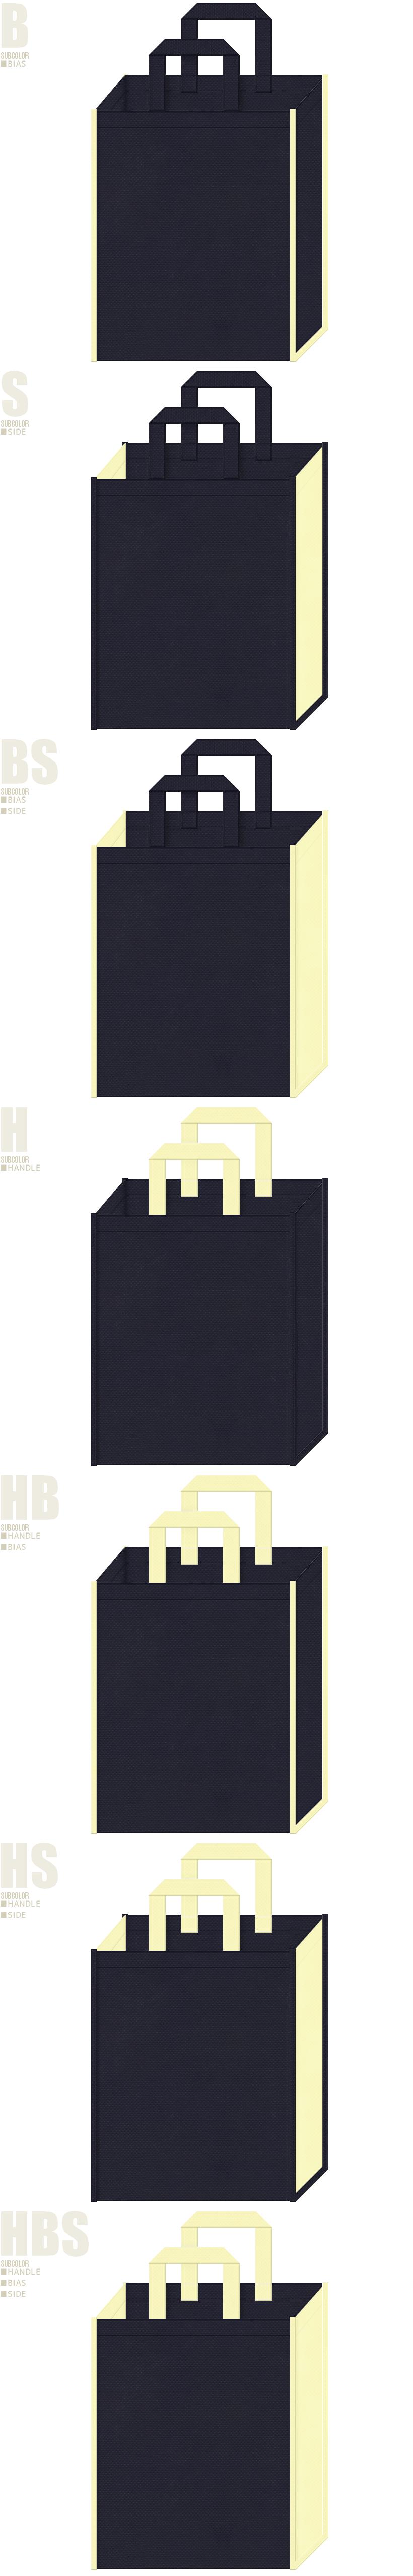 濃紺色とクリームイエロー色-7パターンの不織布トートバッグ配色デザイン例